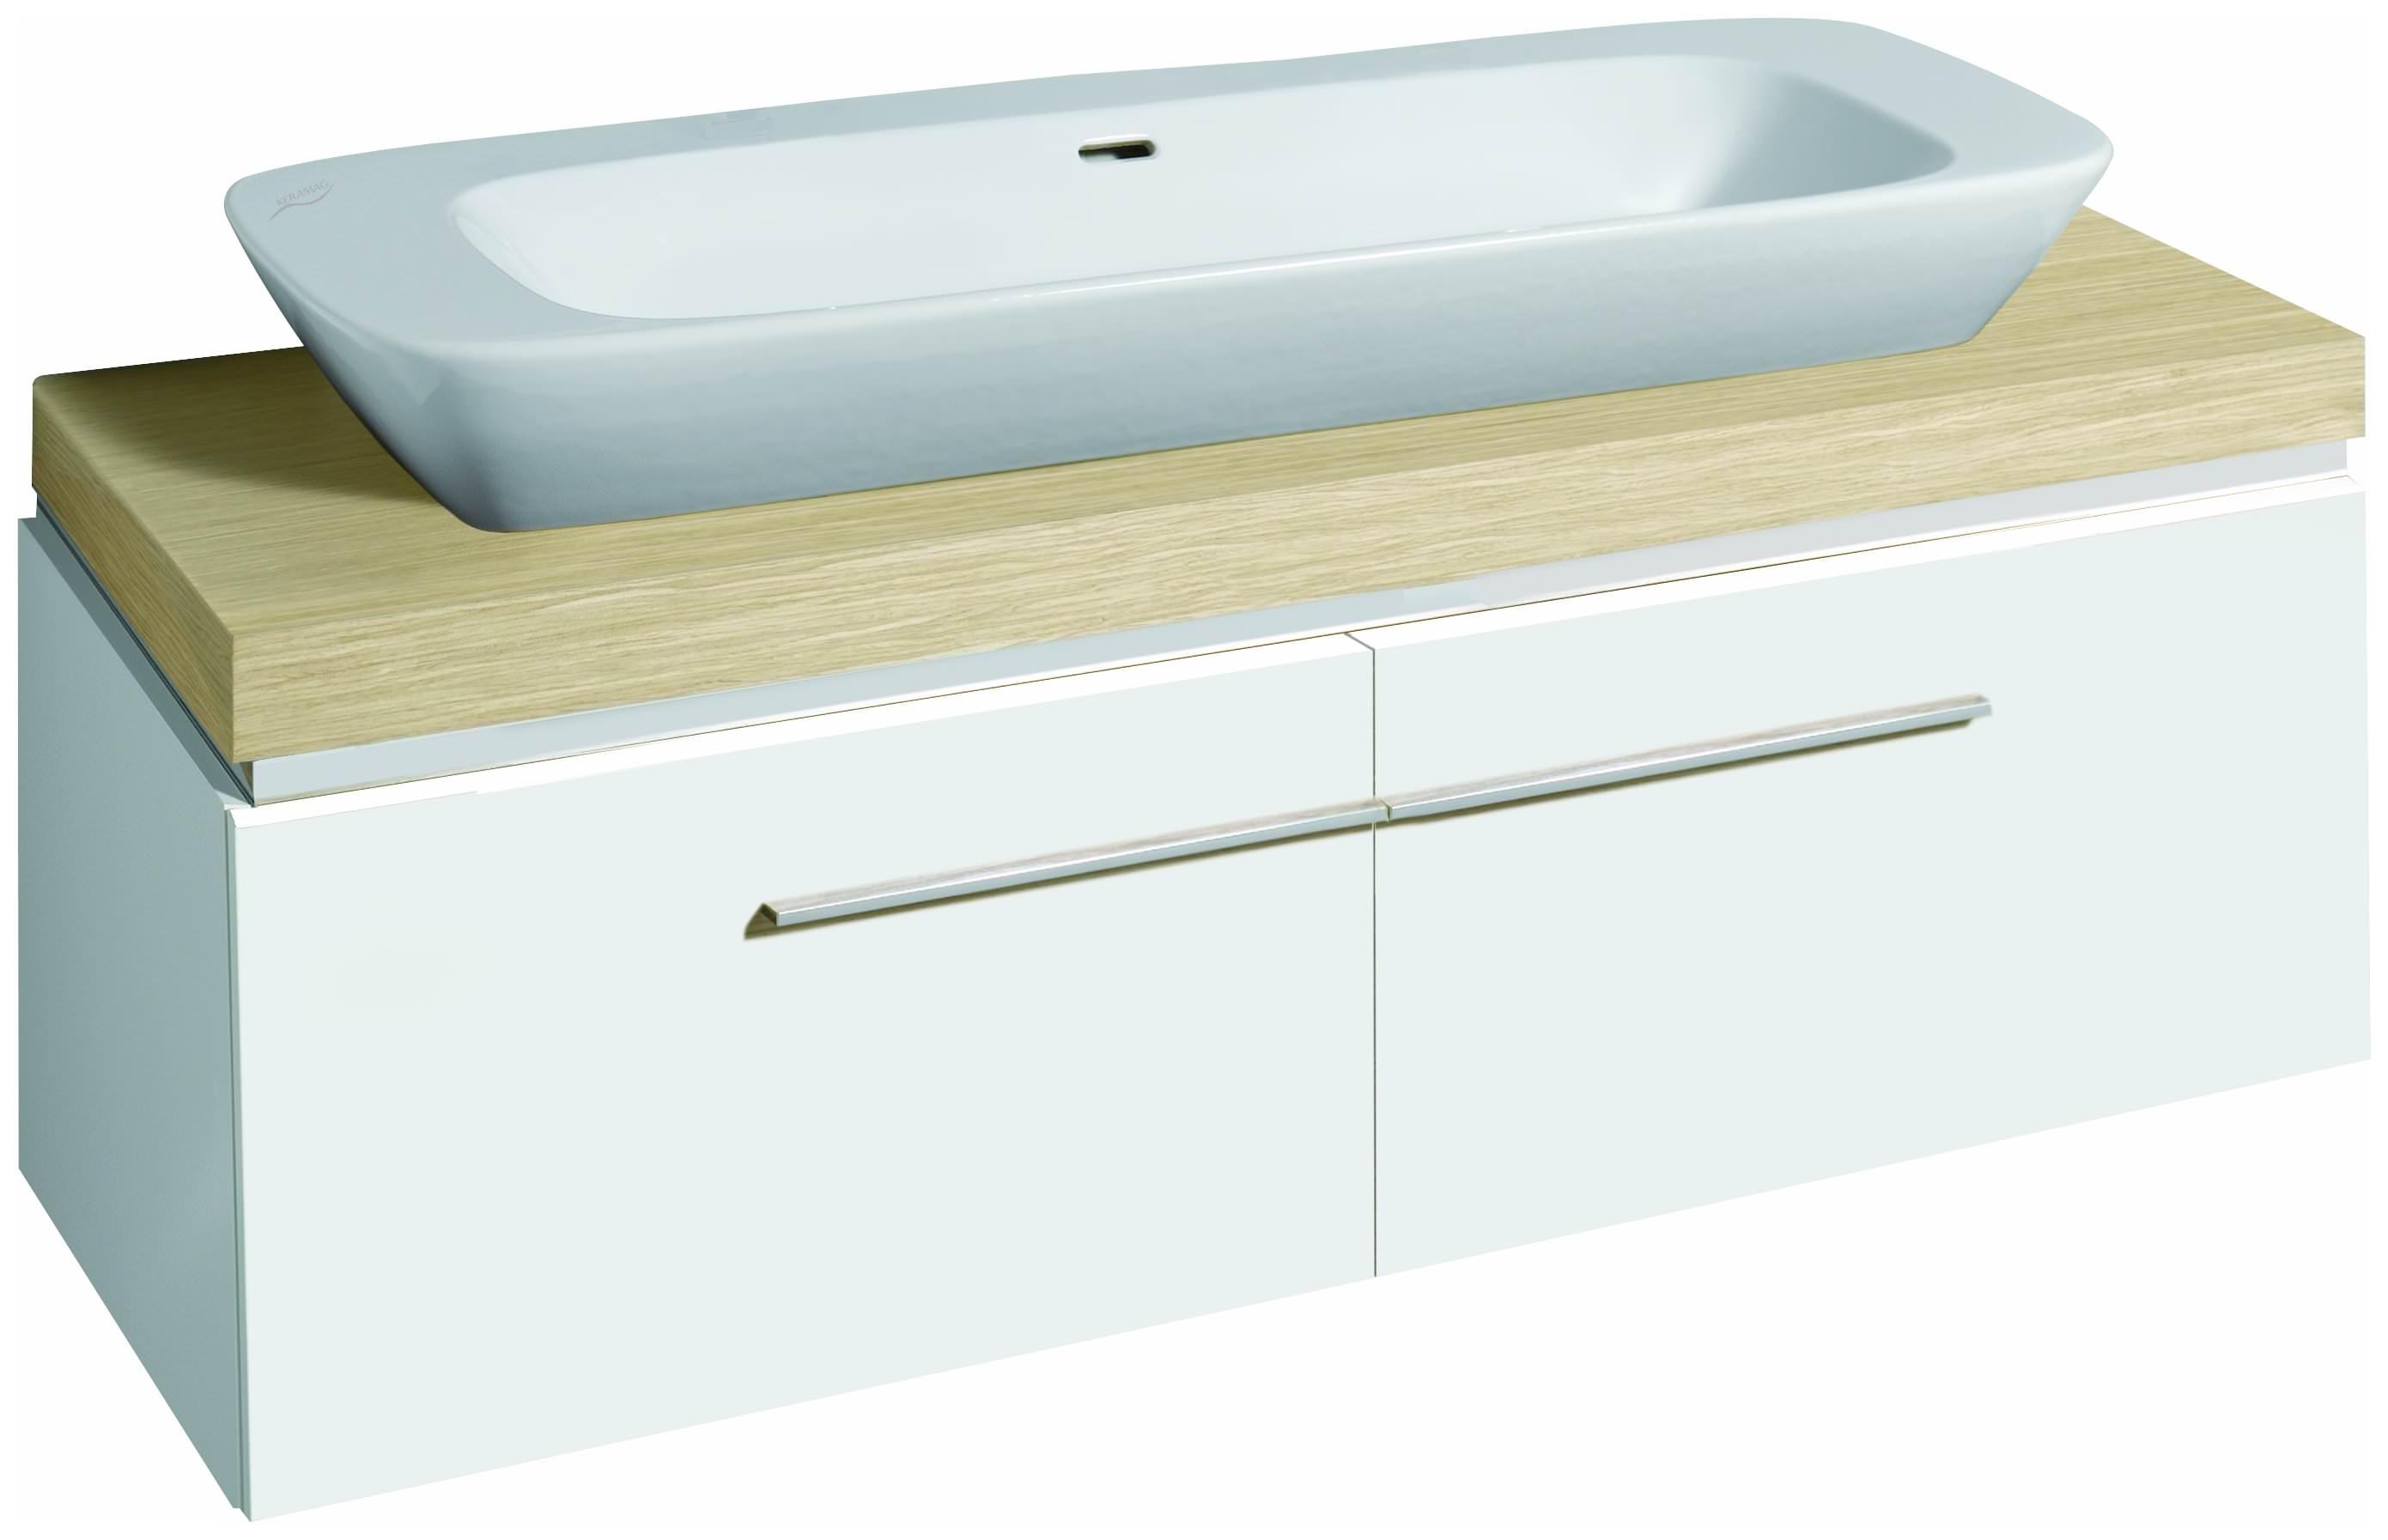 keramag silk waschtischunterschrank 816042 1400x400x470mm wei hochglanz y816042000. Black Bedroom Furniture Sets. Home Design Ideas